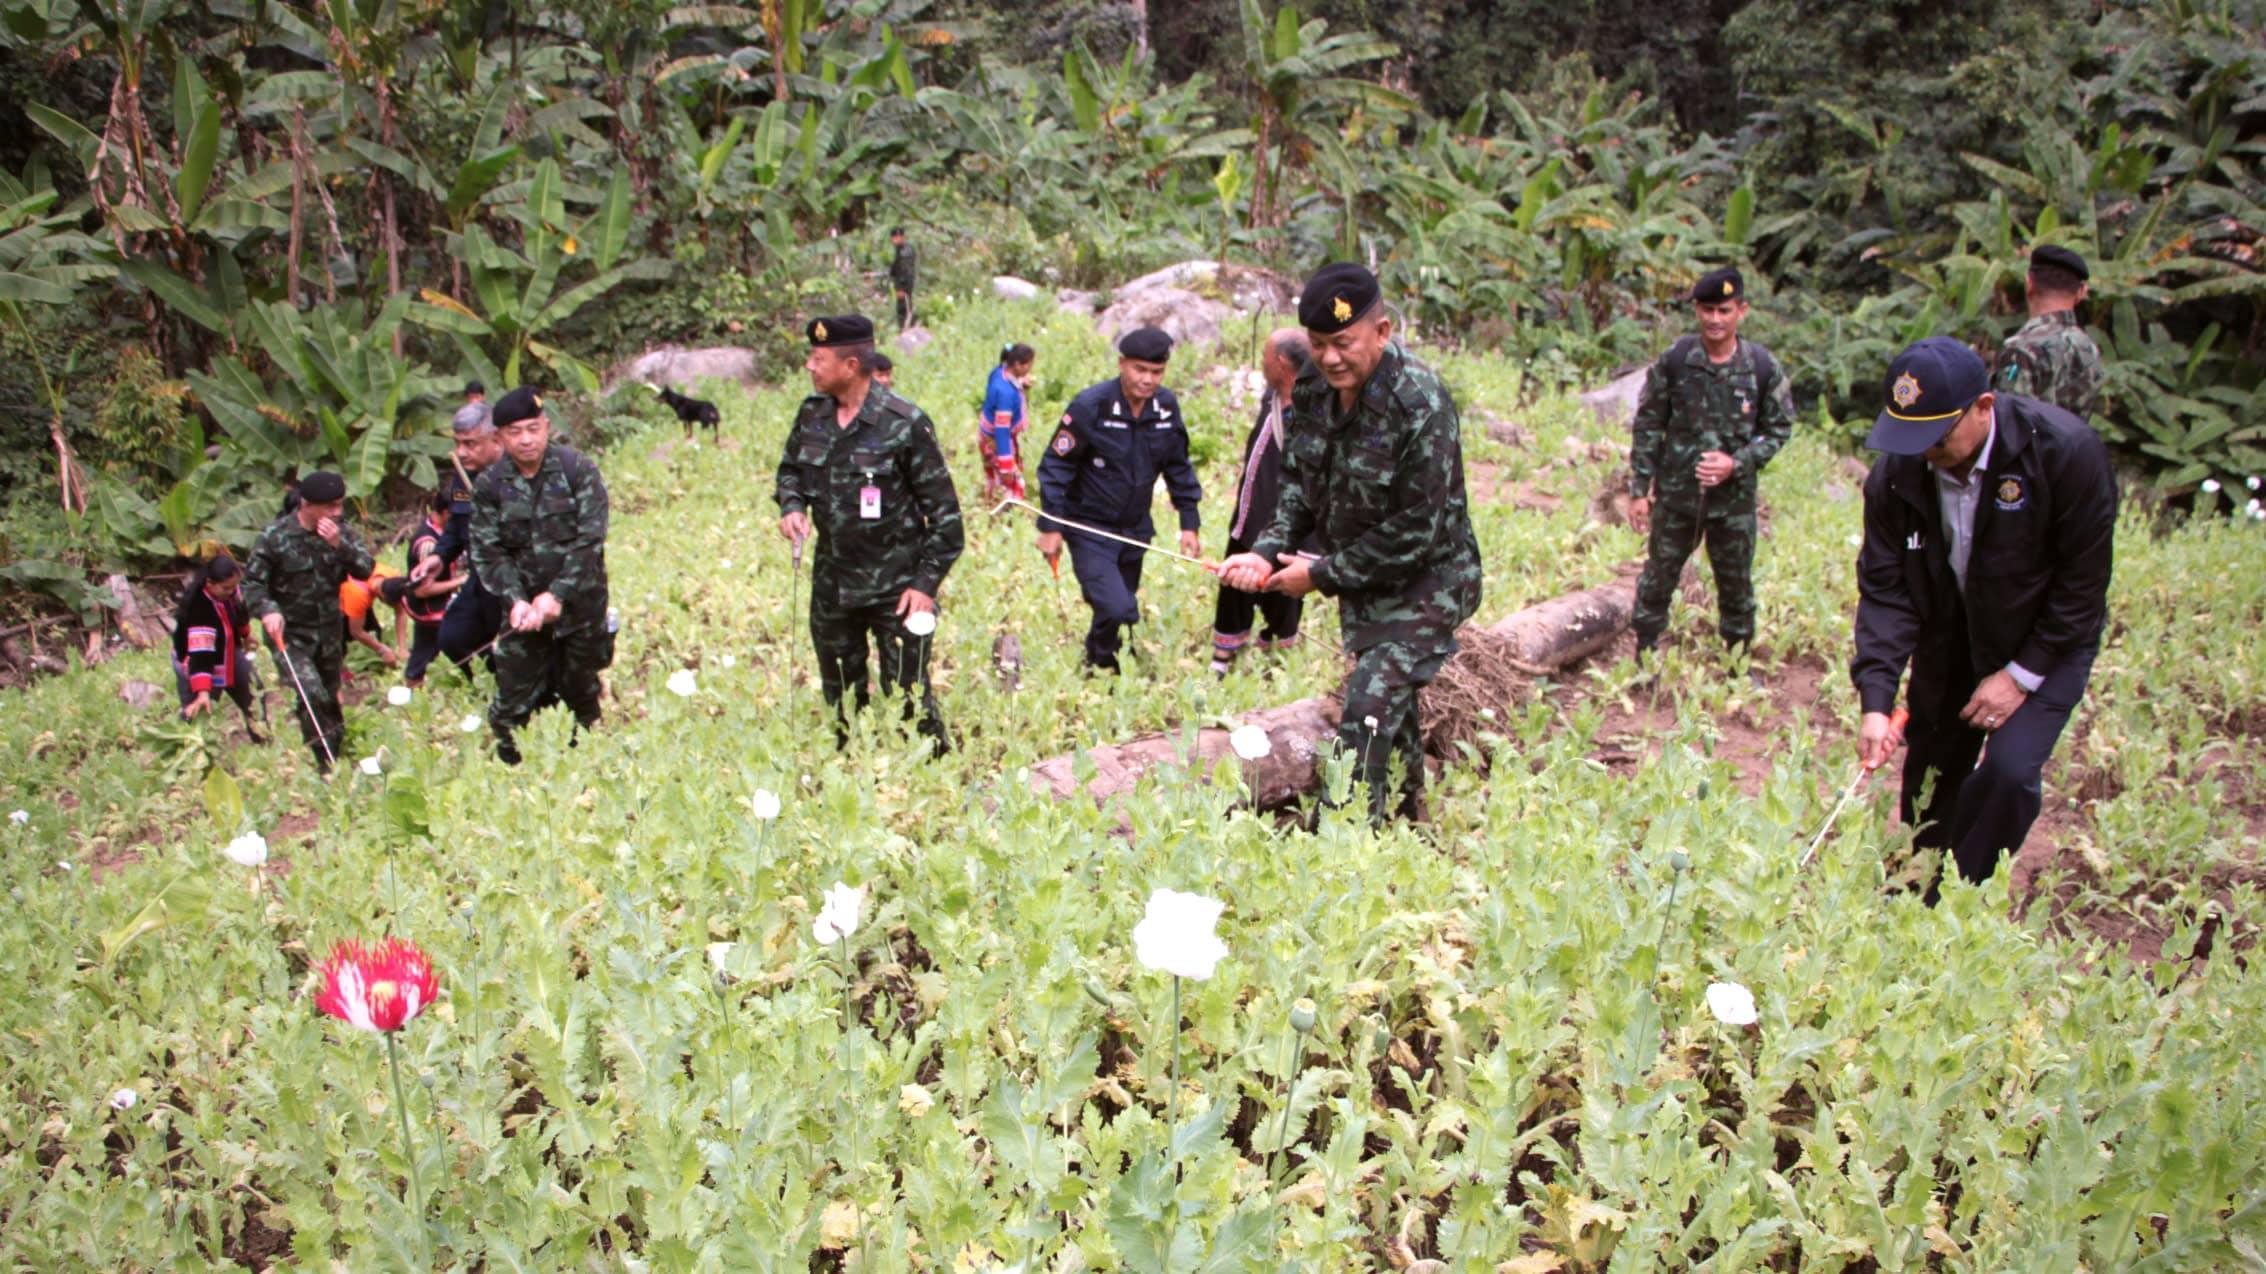 Kultaisen kolmion alue tunnetaan huumeiden tuotannosta ja salakuljetuksesta. Kuvassa Thaimaan poliisi tuhoaa oopiumunikkopeltoa vuonna 2017.